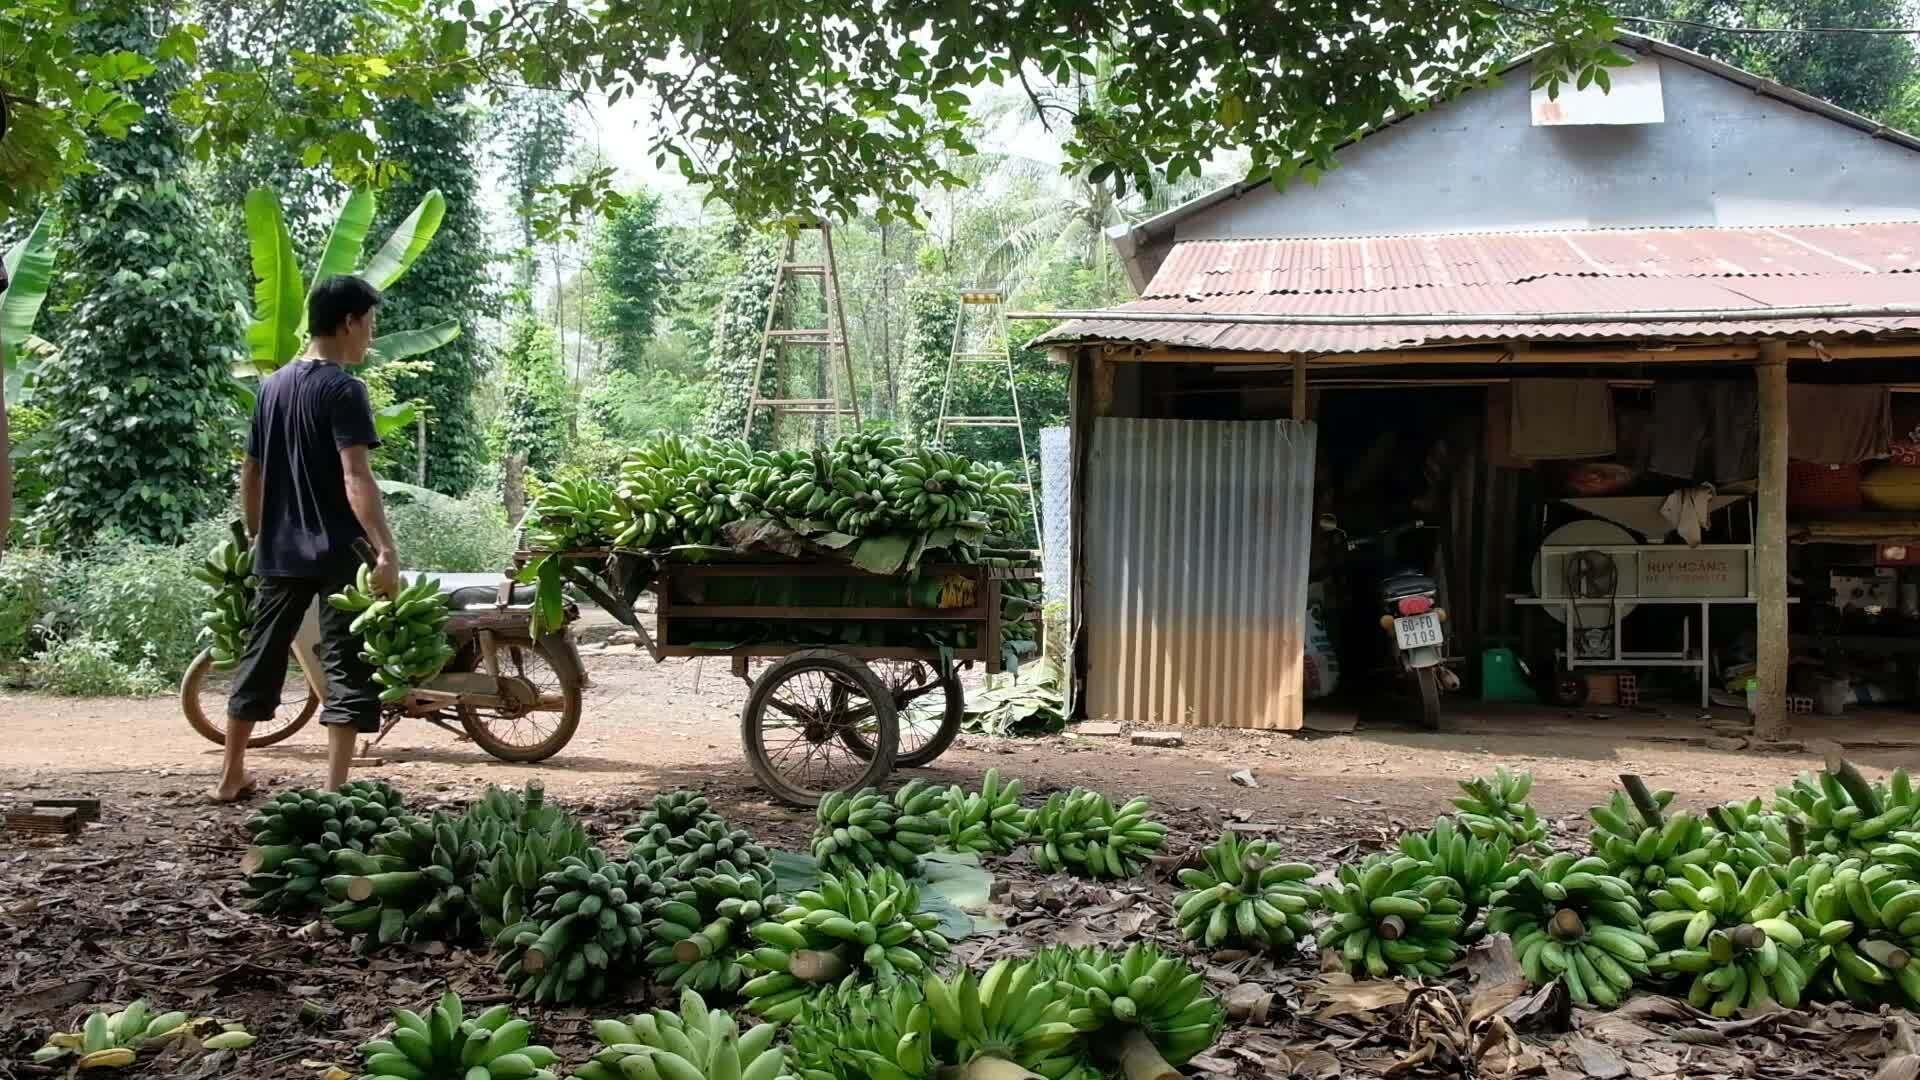 Anh chồng xây nhà giữa đồi cho vợ chữa bệnh